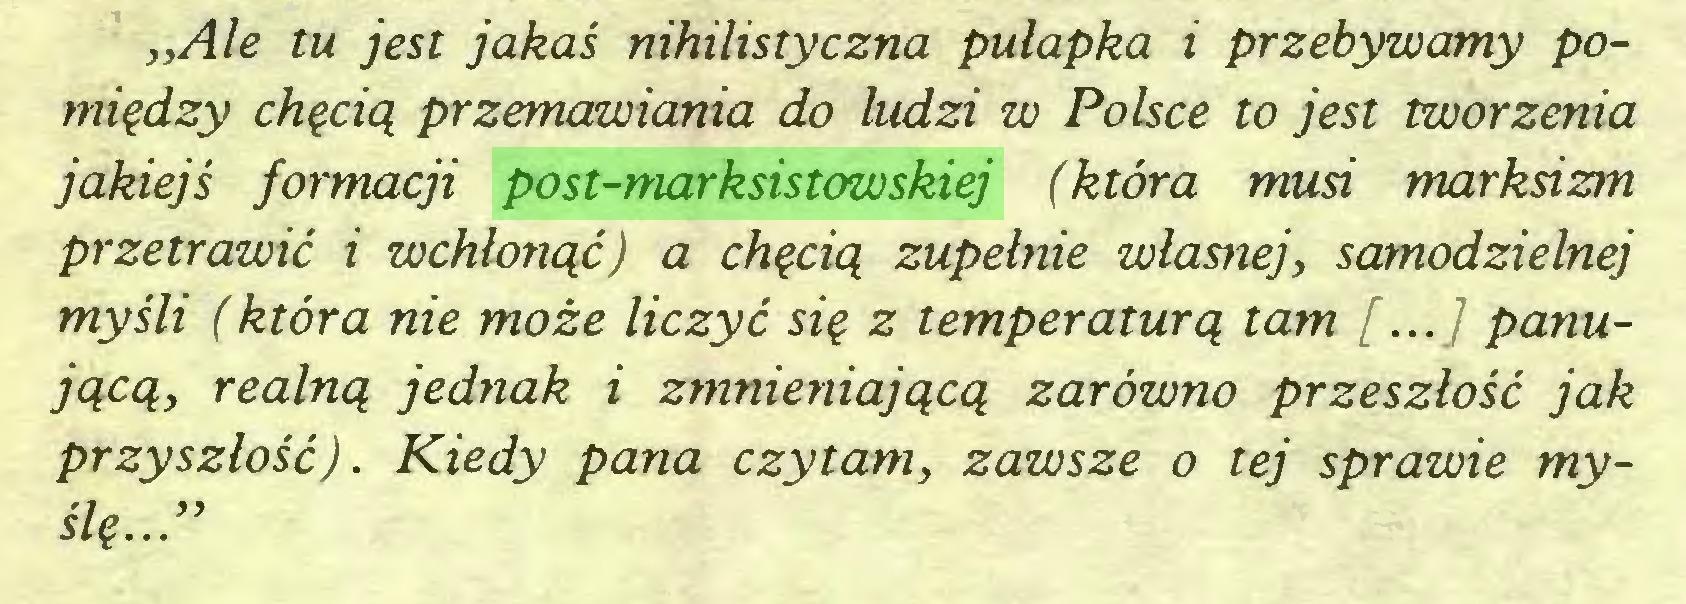 """(...) """"Ale tu jest jakaś nihilistyczna pułapka i przebywamy pomiędzy chęcią przemawiania do ludzi w Polsce to jest tworzenia jakiejś formacji post-marksistowskiej (która musi markńzm przetrawić i wchłonąć) a chęcią zupełnie własnej, samodzielnej myśli (która nie może liczyć się z temperaturą tam [...] panującą, realną jednak i zmnieniającą zarówno przeszłość jak przyszłość). Kiedy pana czytam, zawsze o tej sprawie myślę...""""..."""